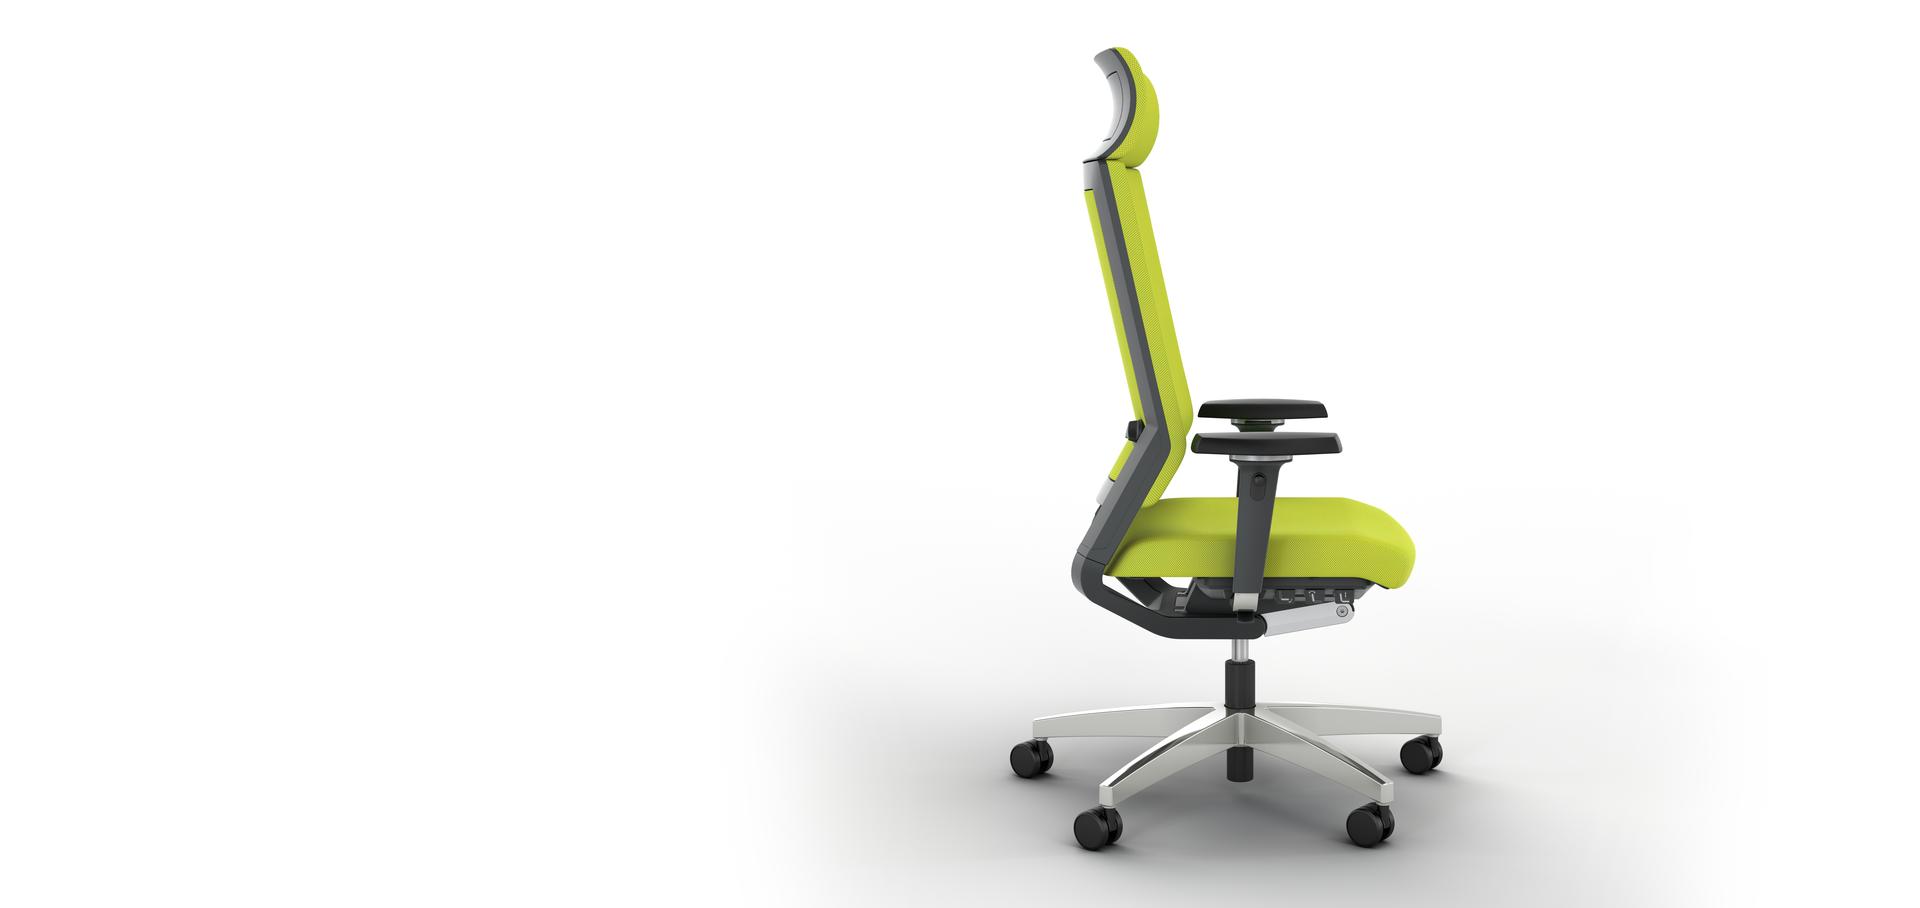 Немецкое кресло для руководителя Impulse с подголовником исполнение ткань цвет желтый или по выбору клиента, подлокотники 4D - регулируются по высоте, ширине, глубине, углу, крестовина полированный алюминий, автоматическая настройка на вес сидящего, Это кресло обладатель серебряной премии NeoCon 2013